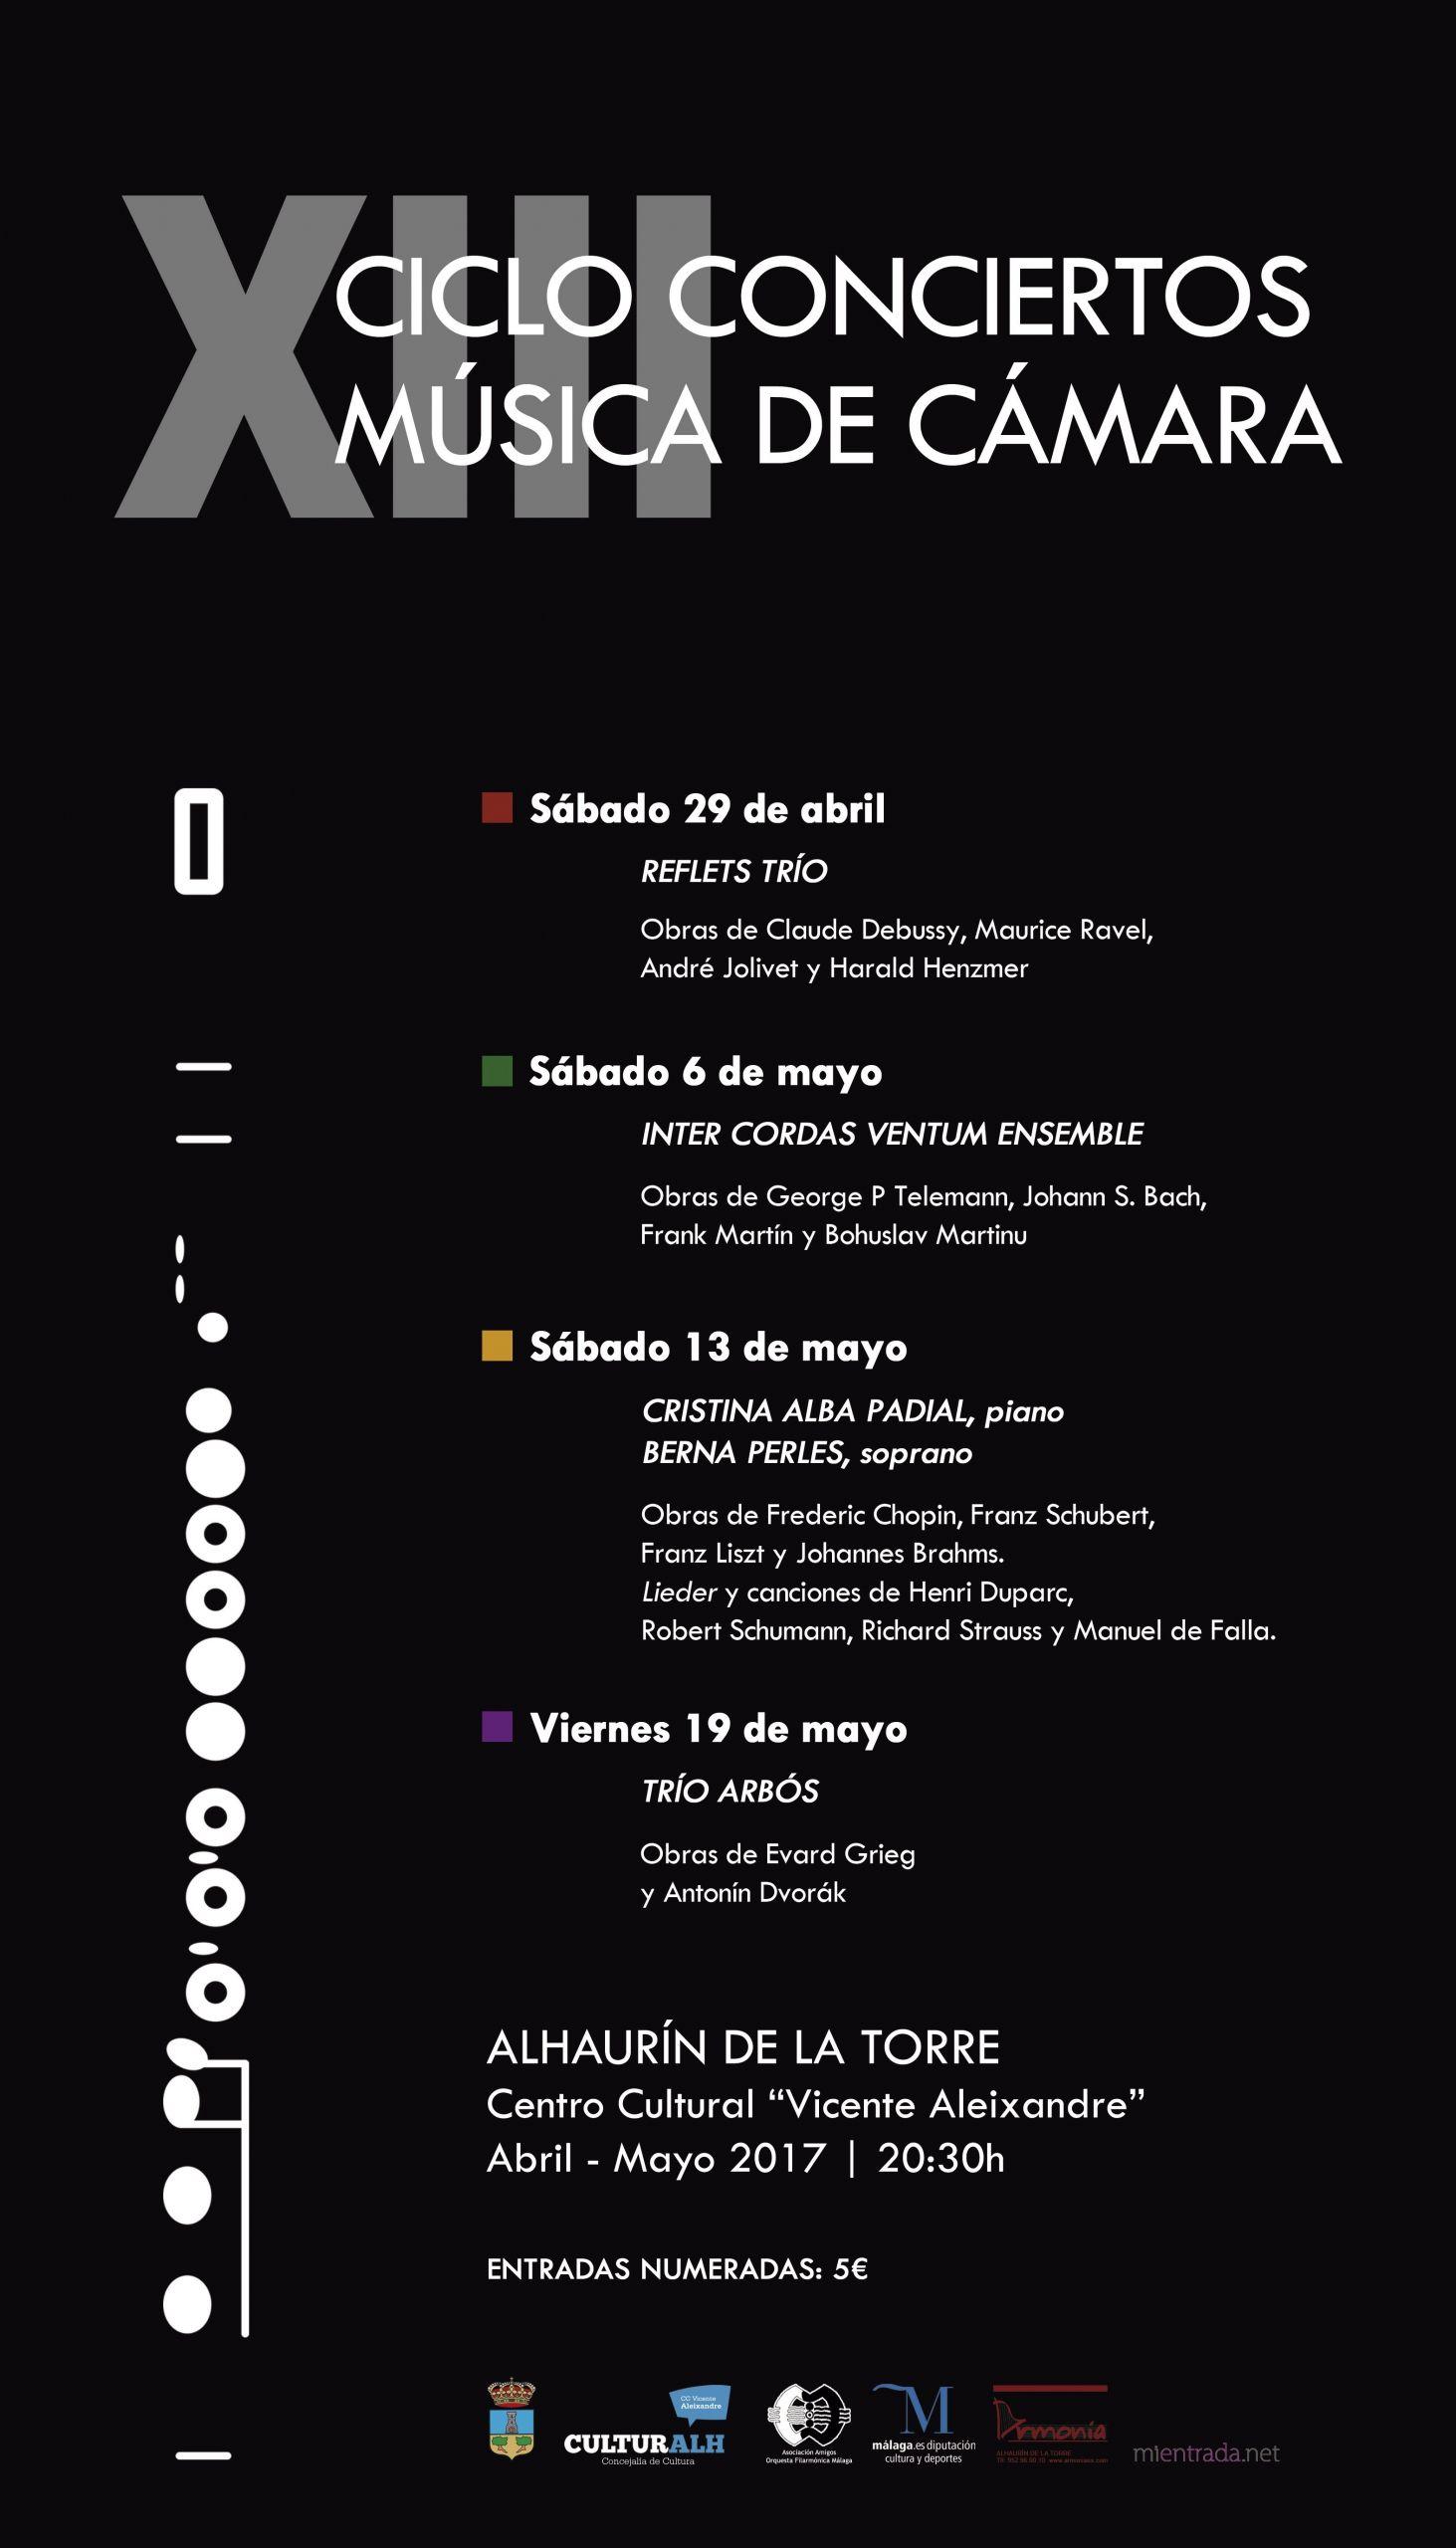 calendario 2020 oficial actual el giraldillo todos los eventos del 4 de mayo en andaluca of calendario 2020 oficial